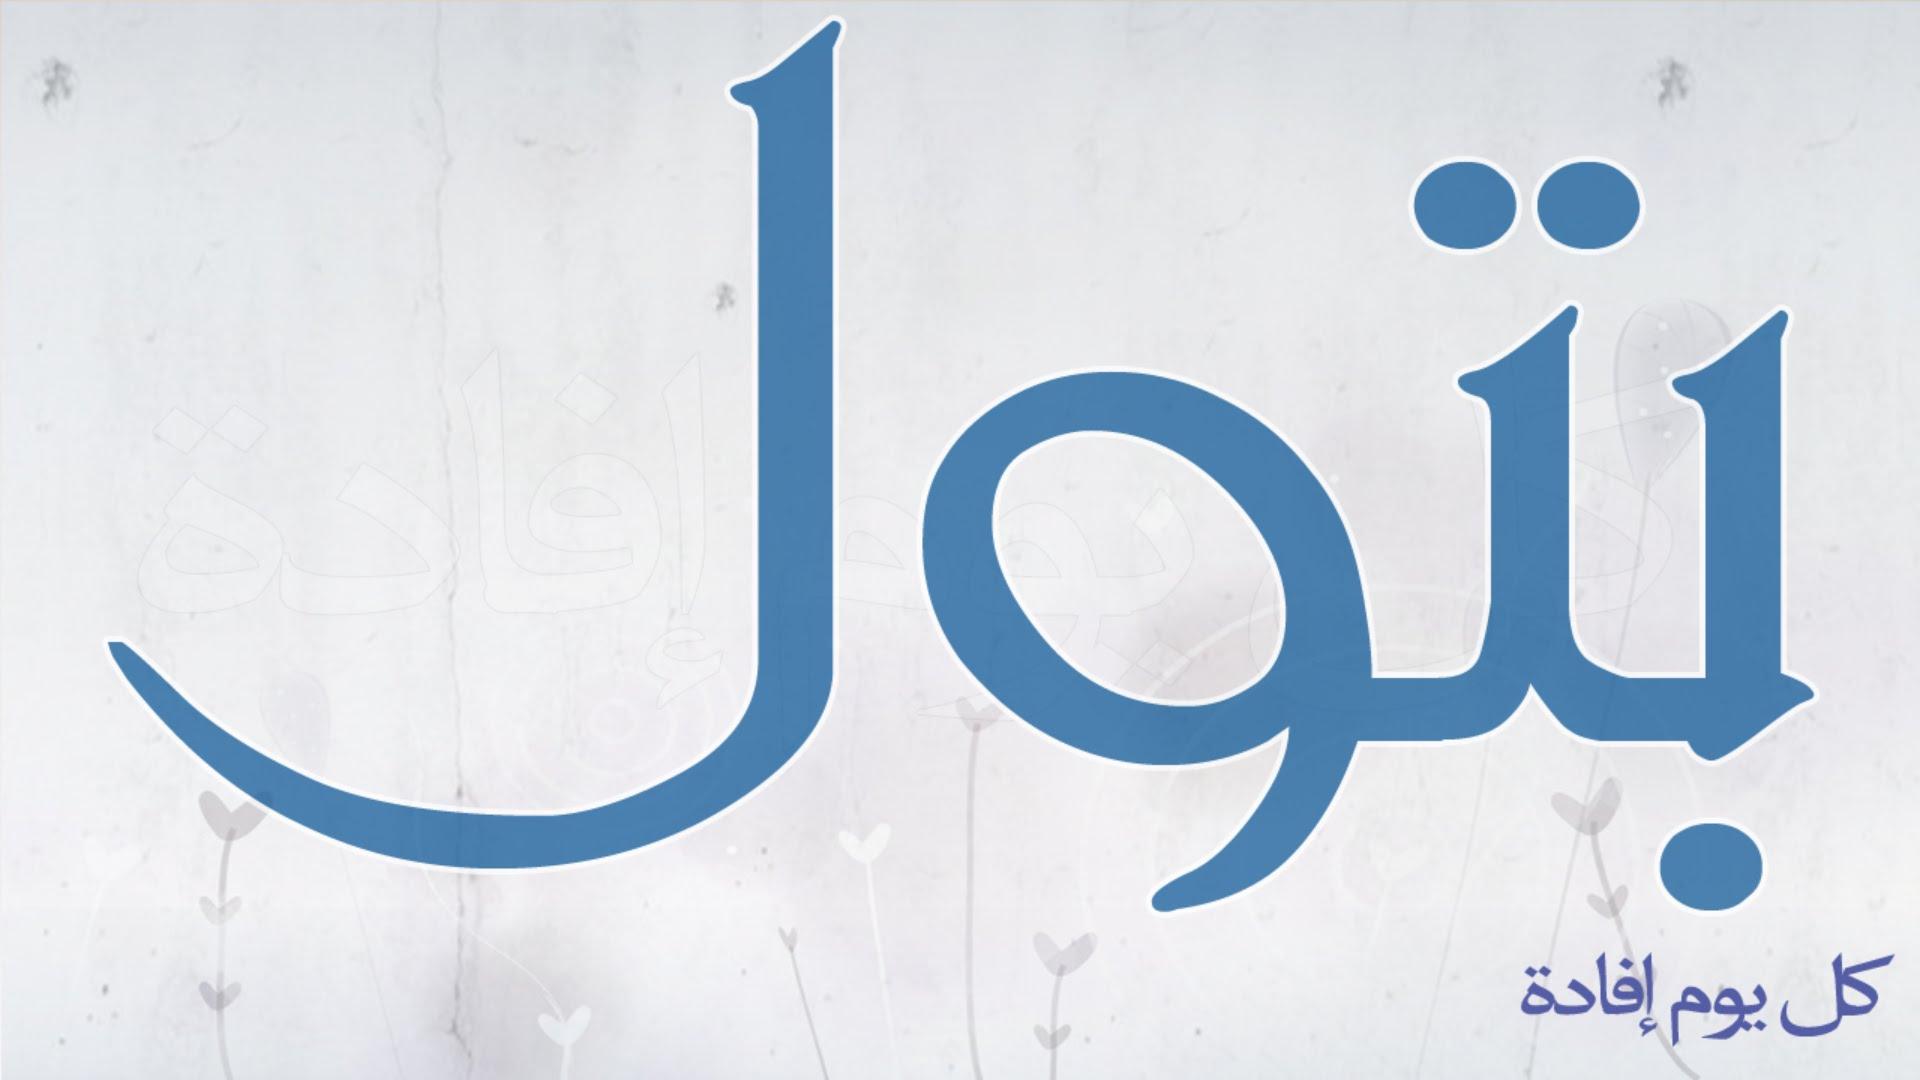 بالصور معنى البتول وسبب تسمية مريم عليها السلام به 20160724 569